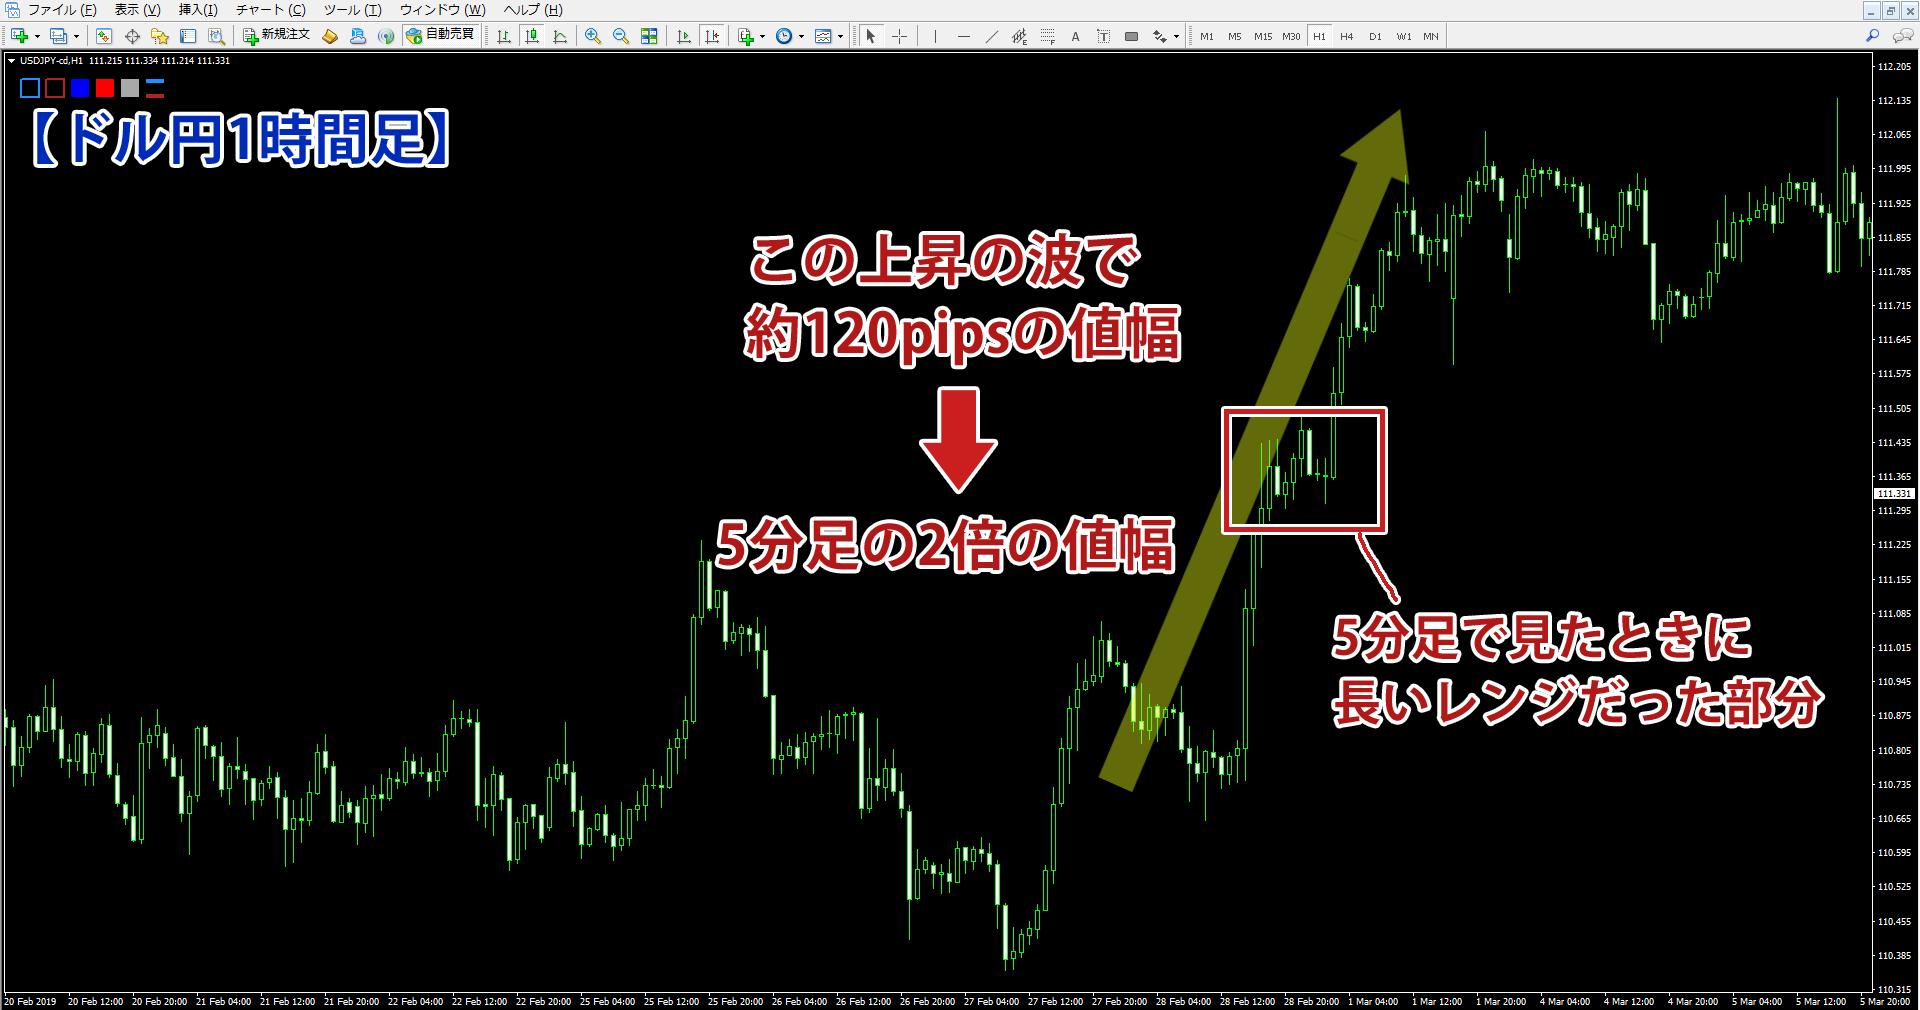 ドル円1時間足で見た上昇の波の値幅